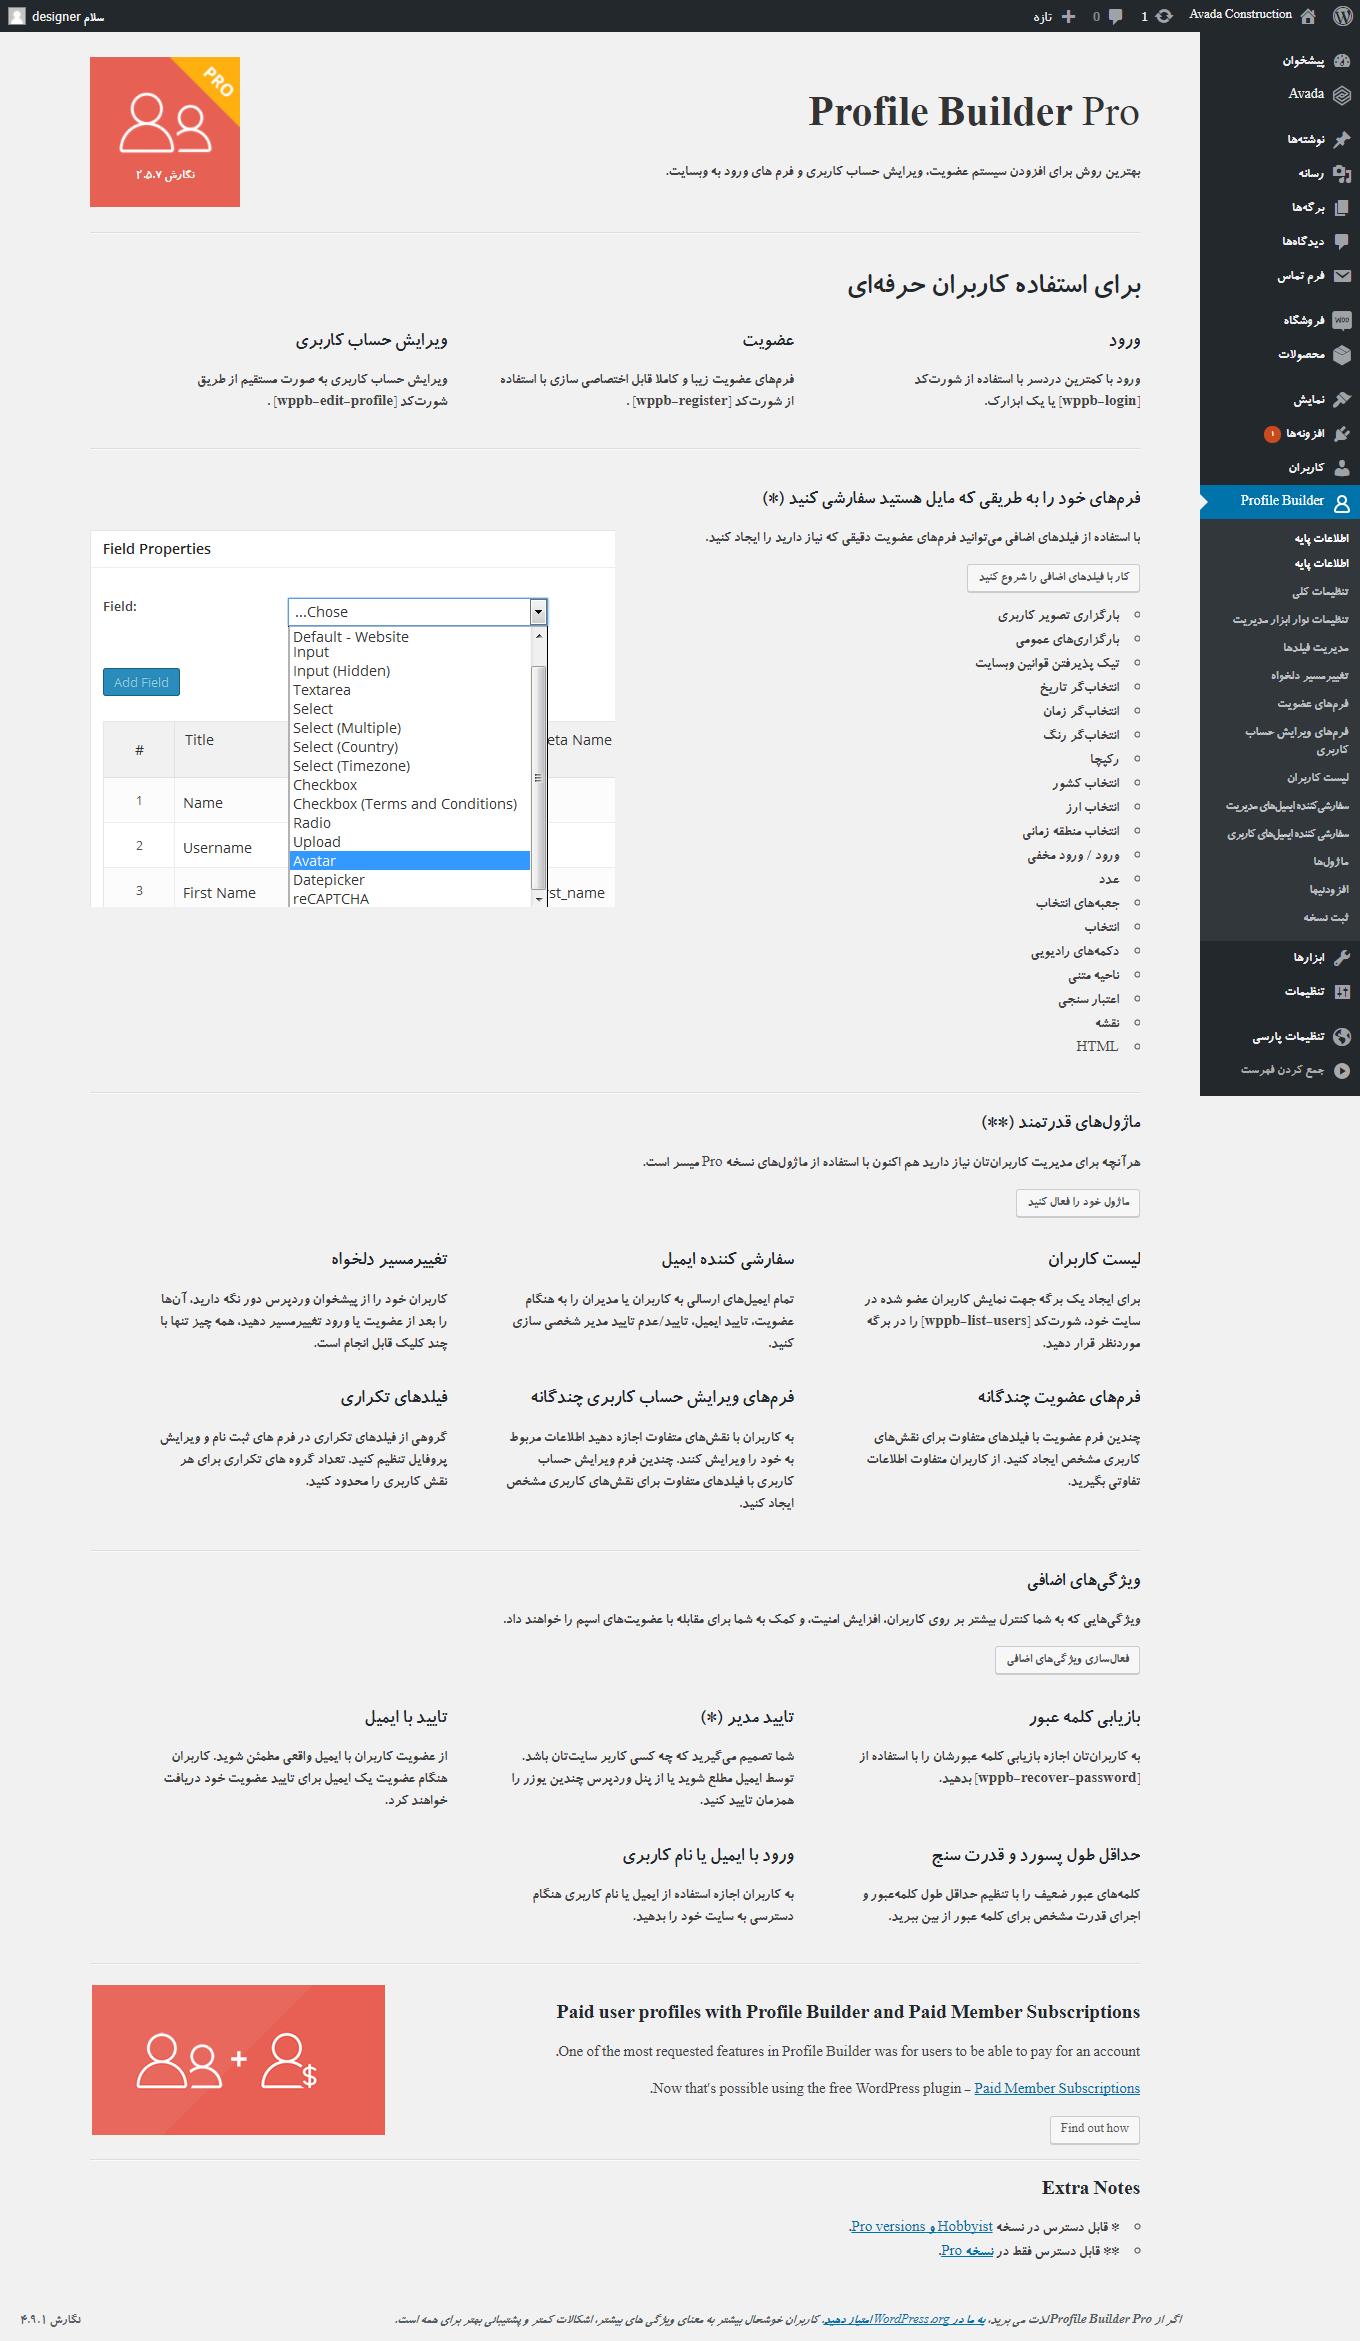 افزونه Profile Builder Pro | ایجاد پروفایل حرفه ای در وردپرس